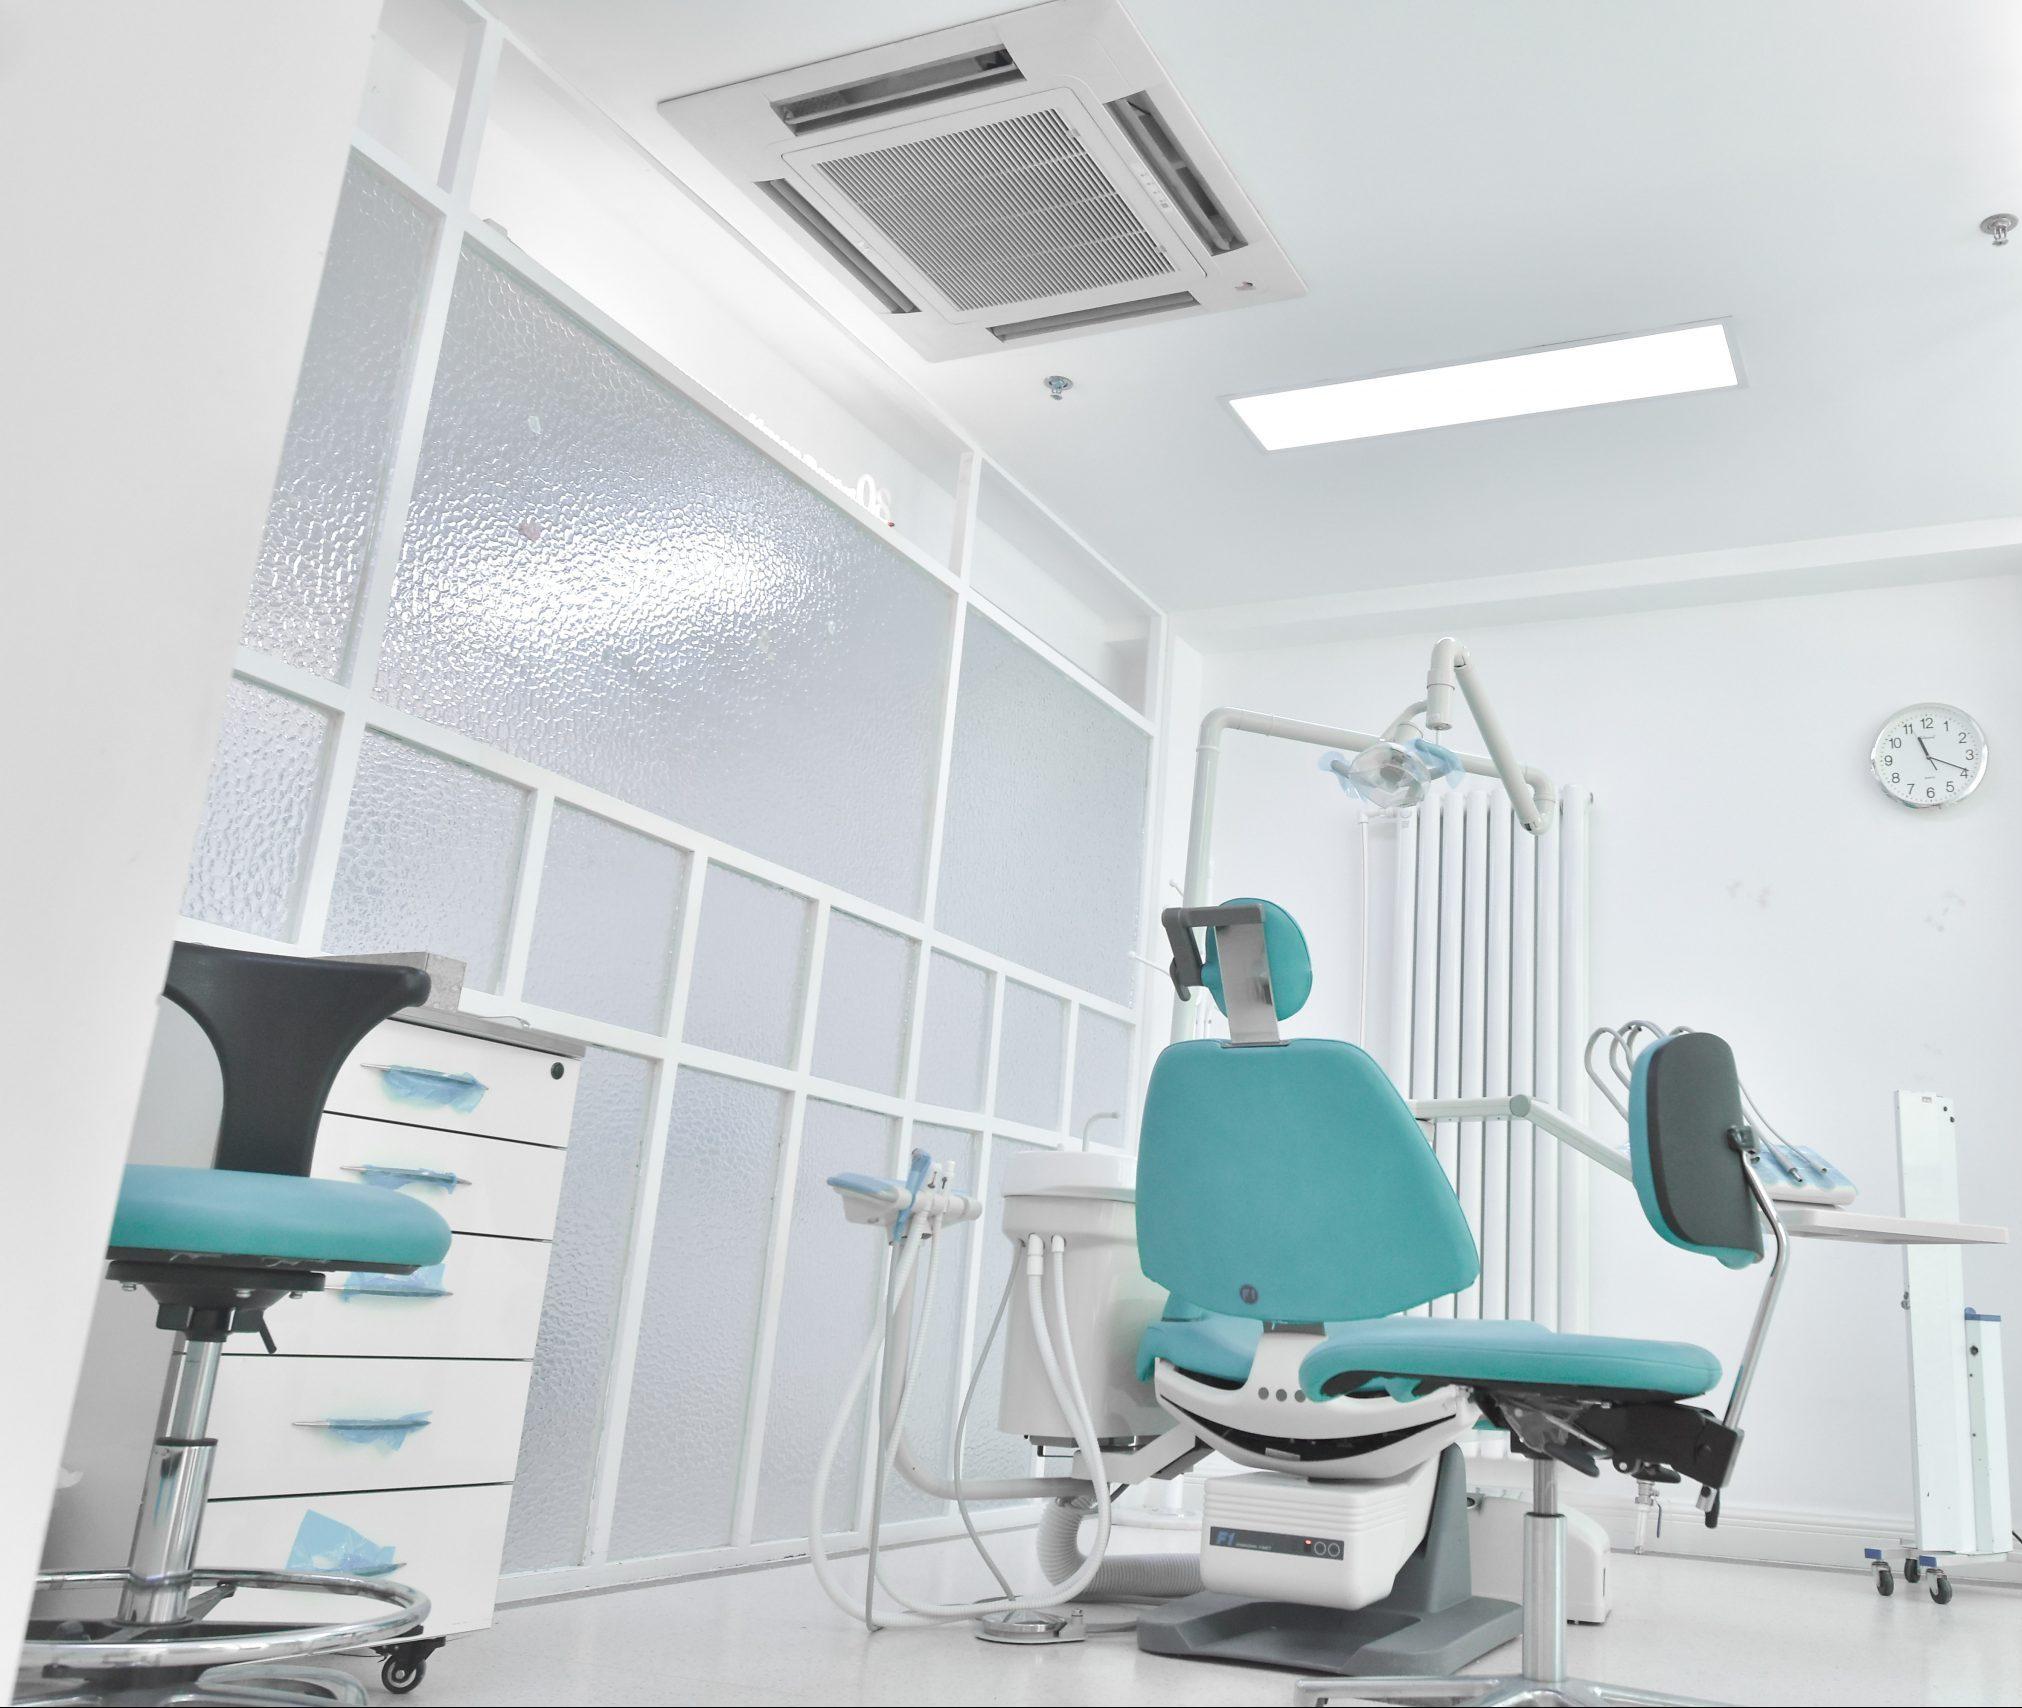 Dental database